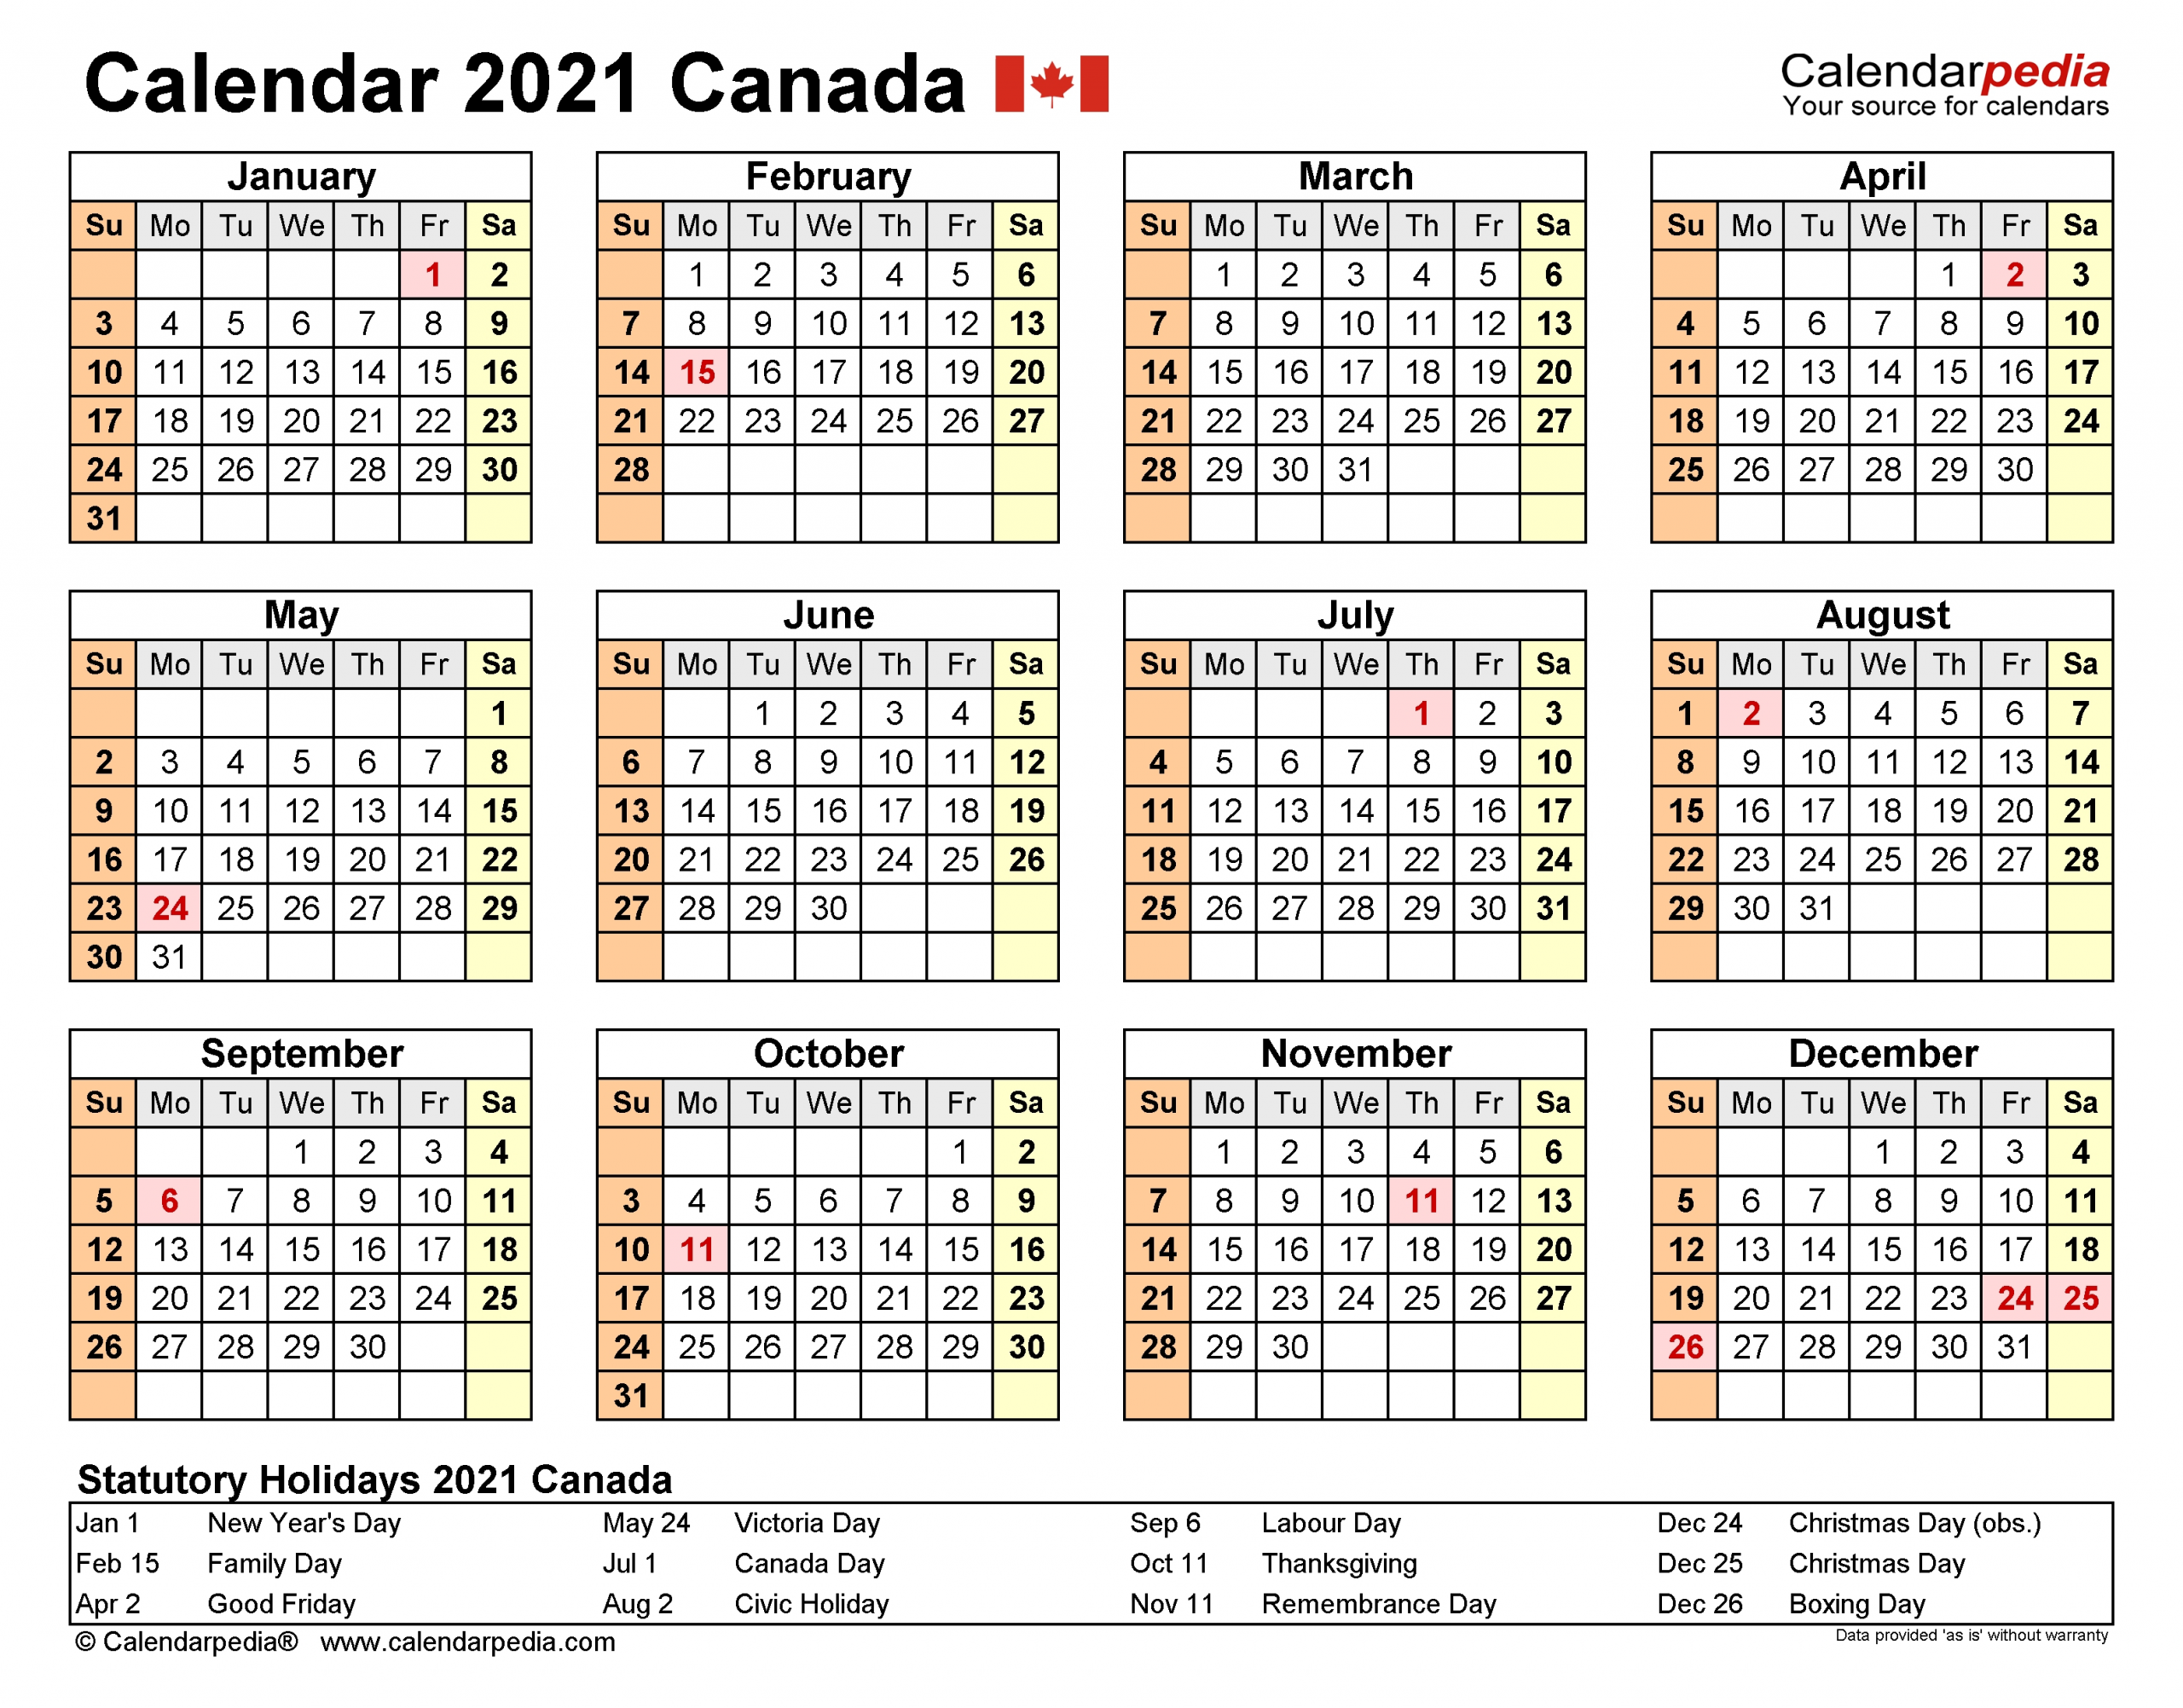 2021 Financial Year Calendar - Template Calendar Design